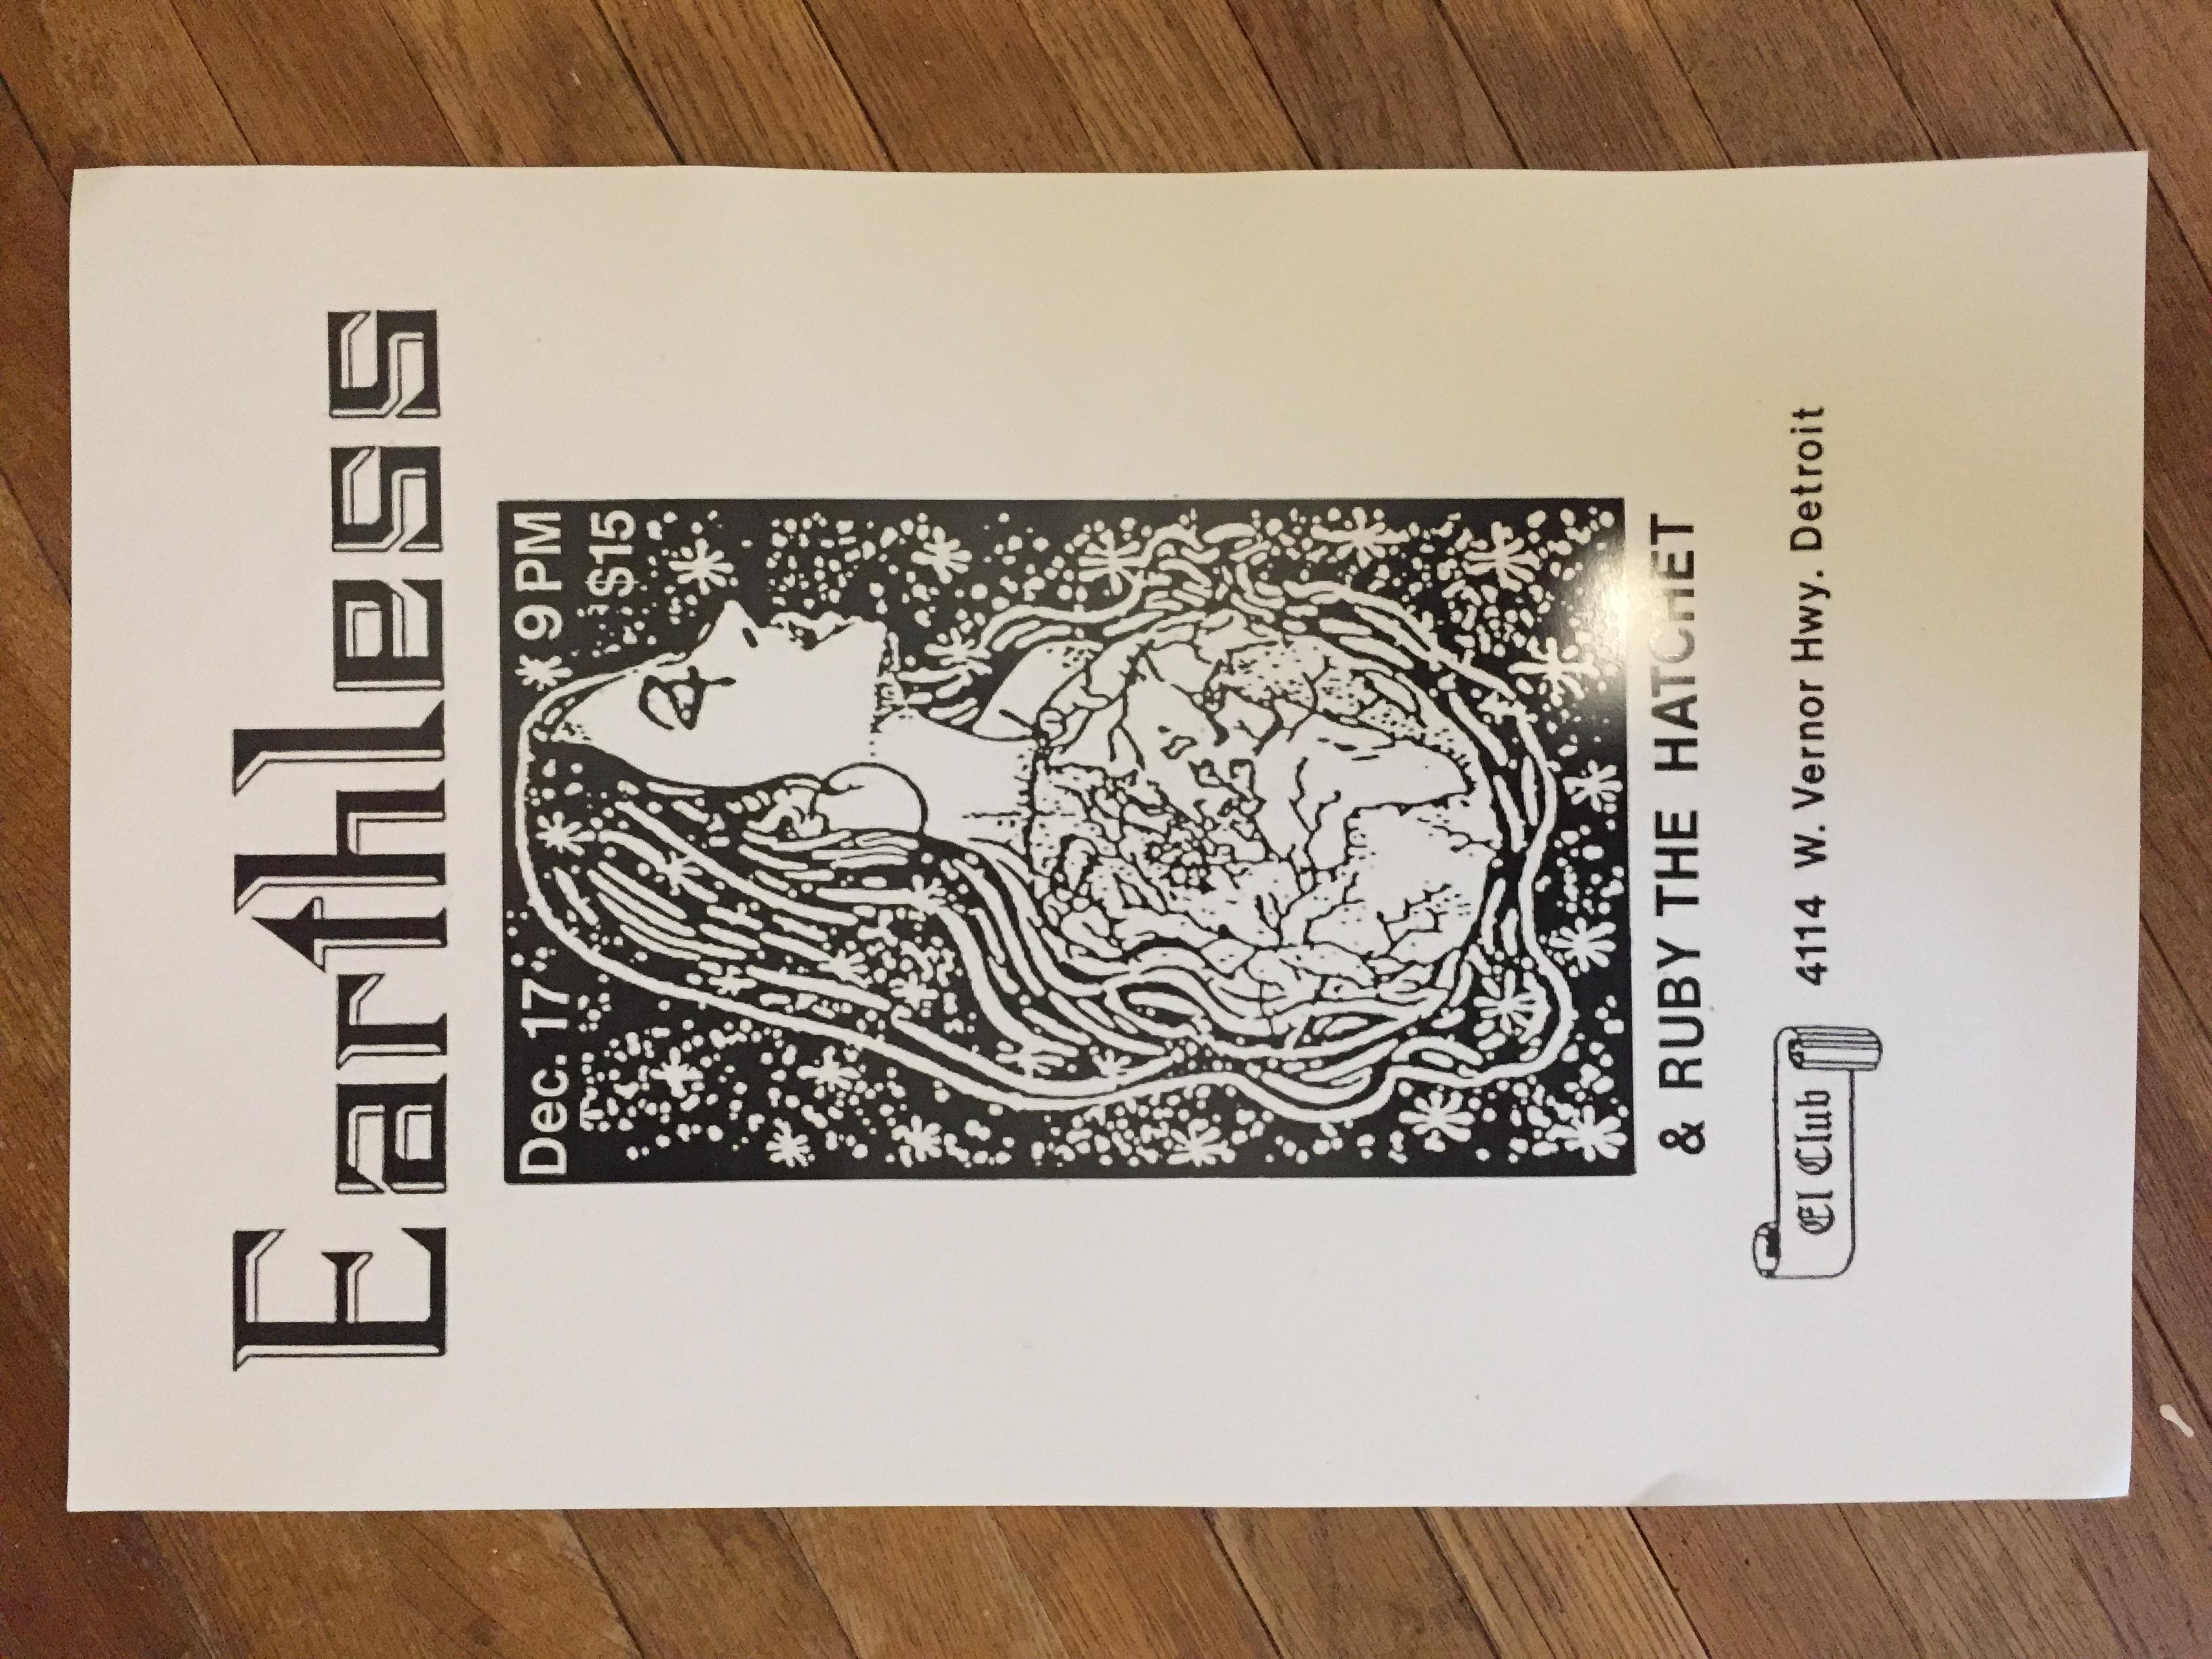 Earthless2016-12-17ElClubDetroitMI.jpg